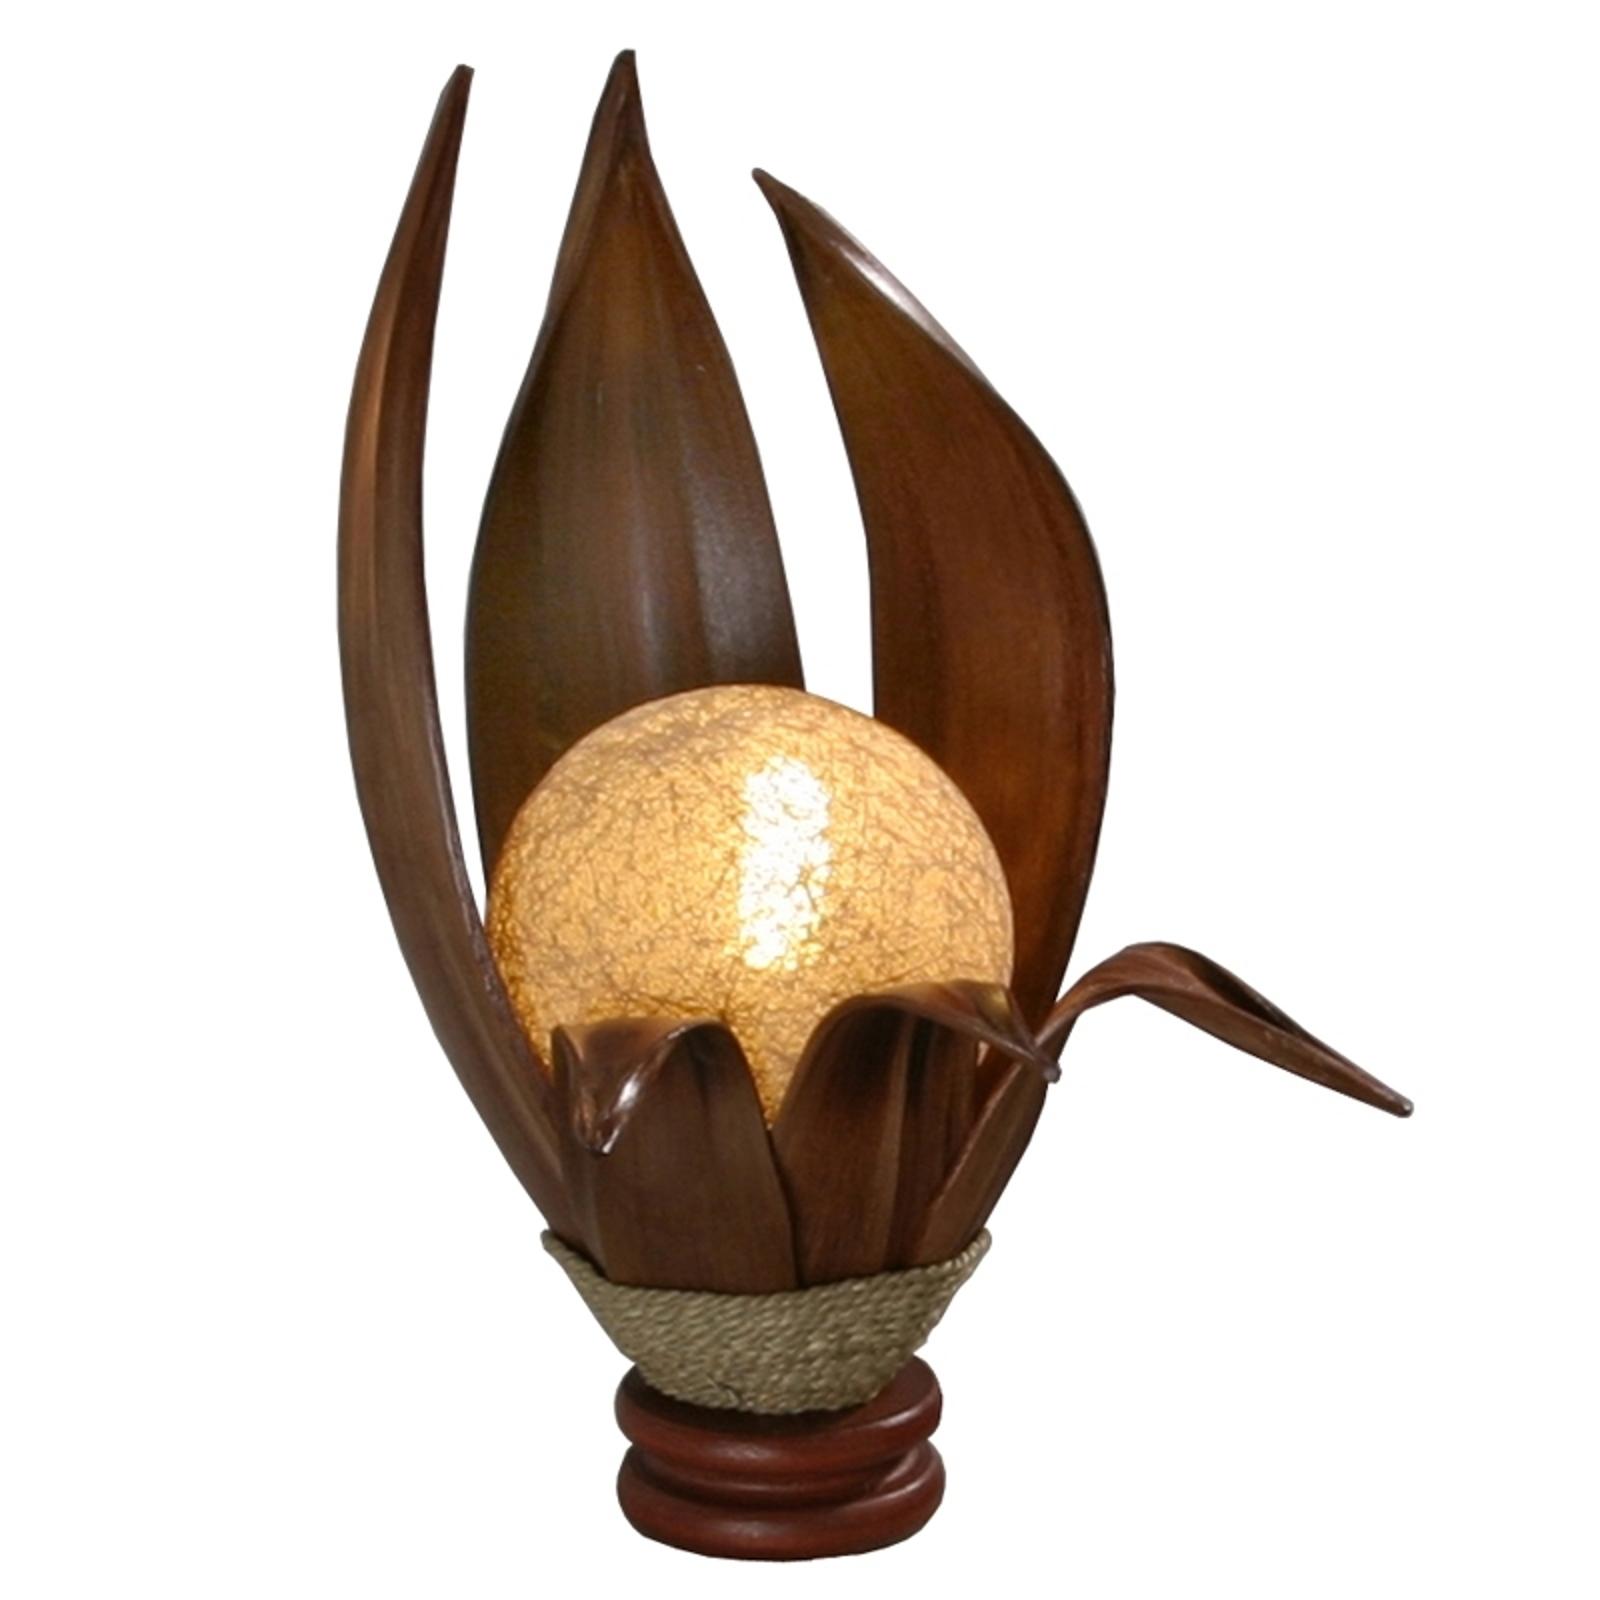 Tafellamp Karima van geharde kokosnootblaadjes